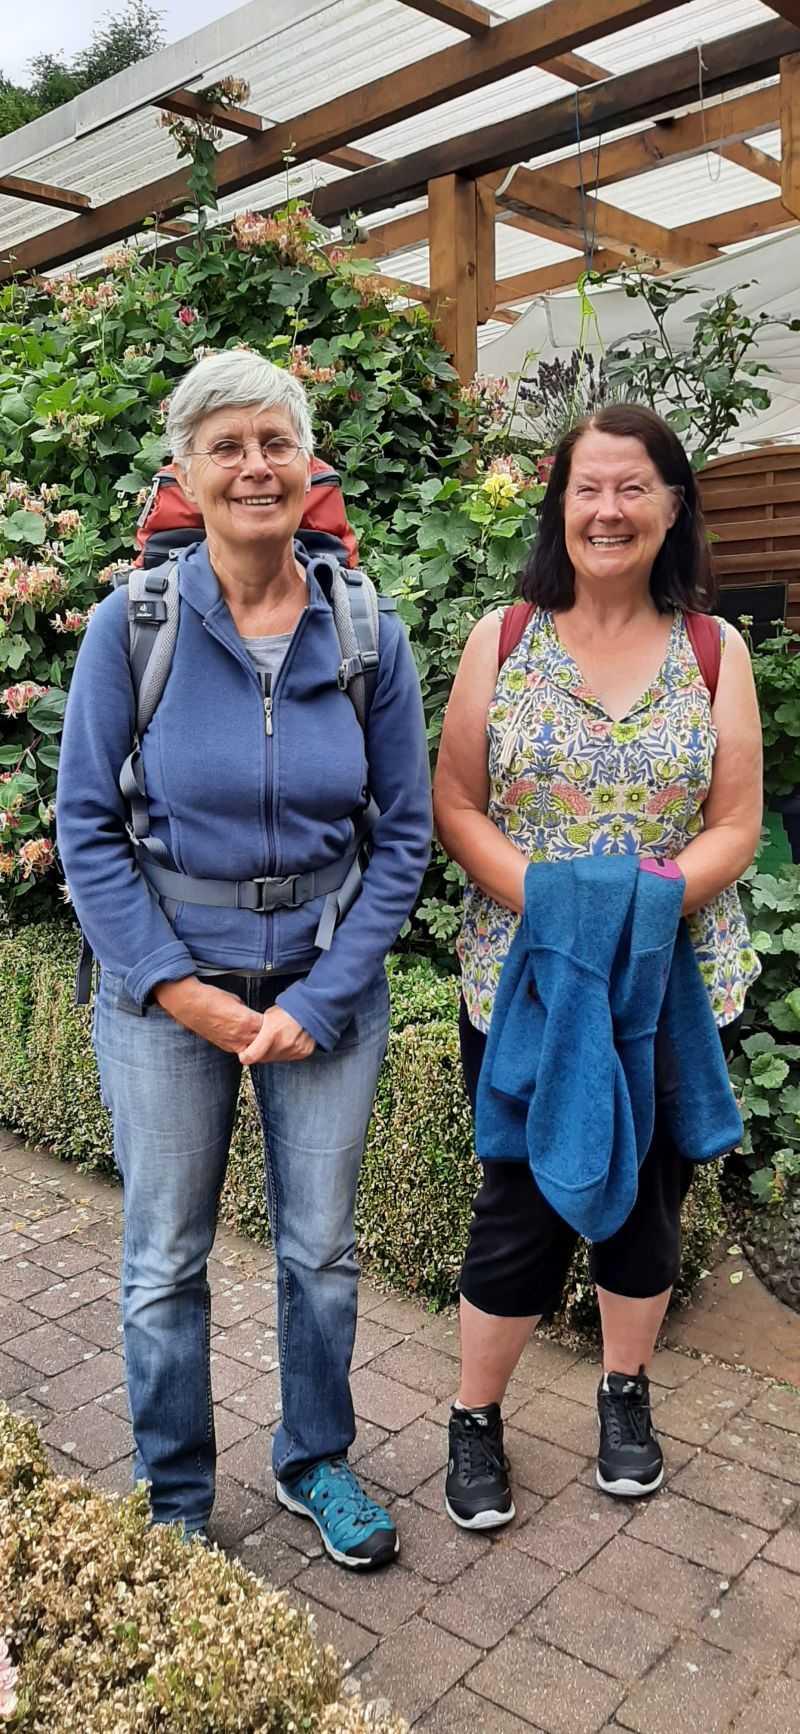 Sehr liebe Wanderschwestern verabschieden sich bis zum nächsten Jahr